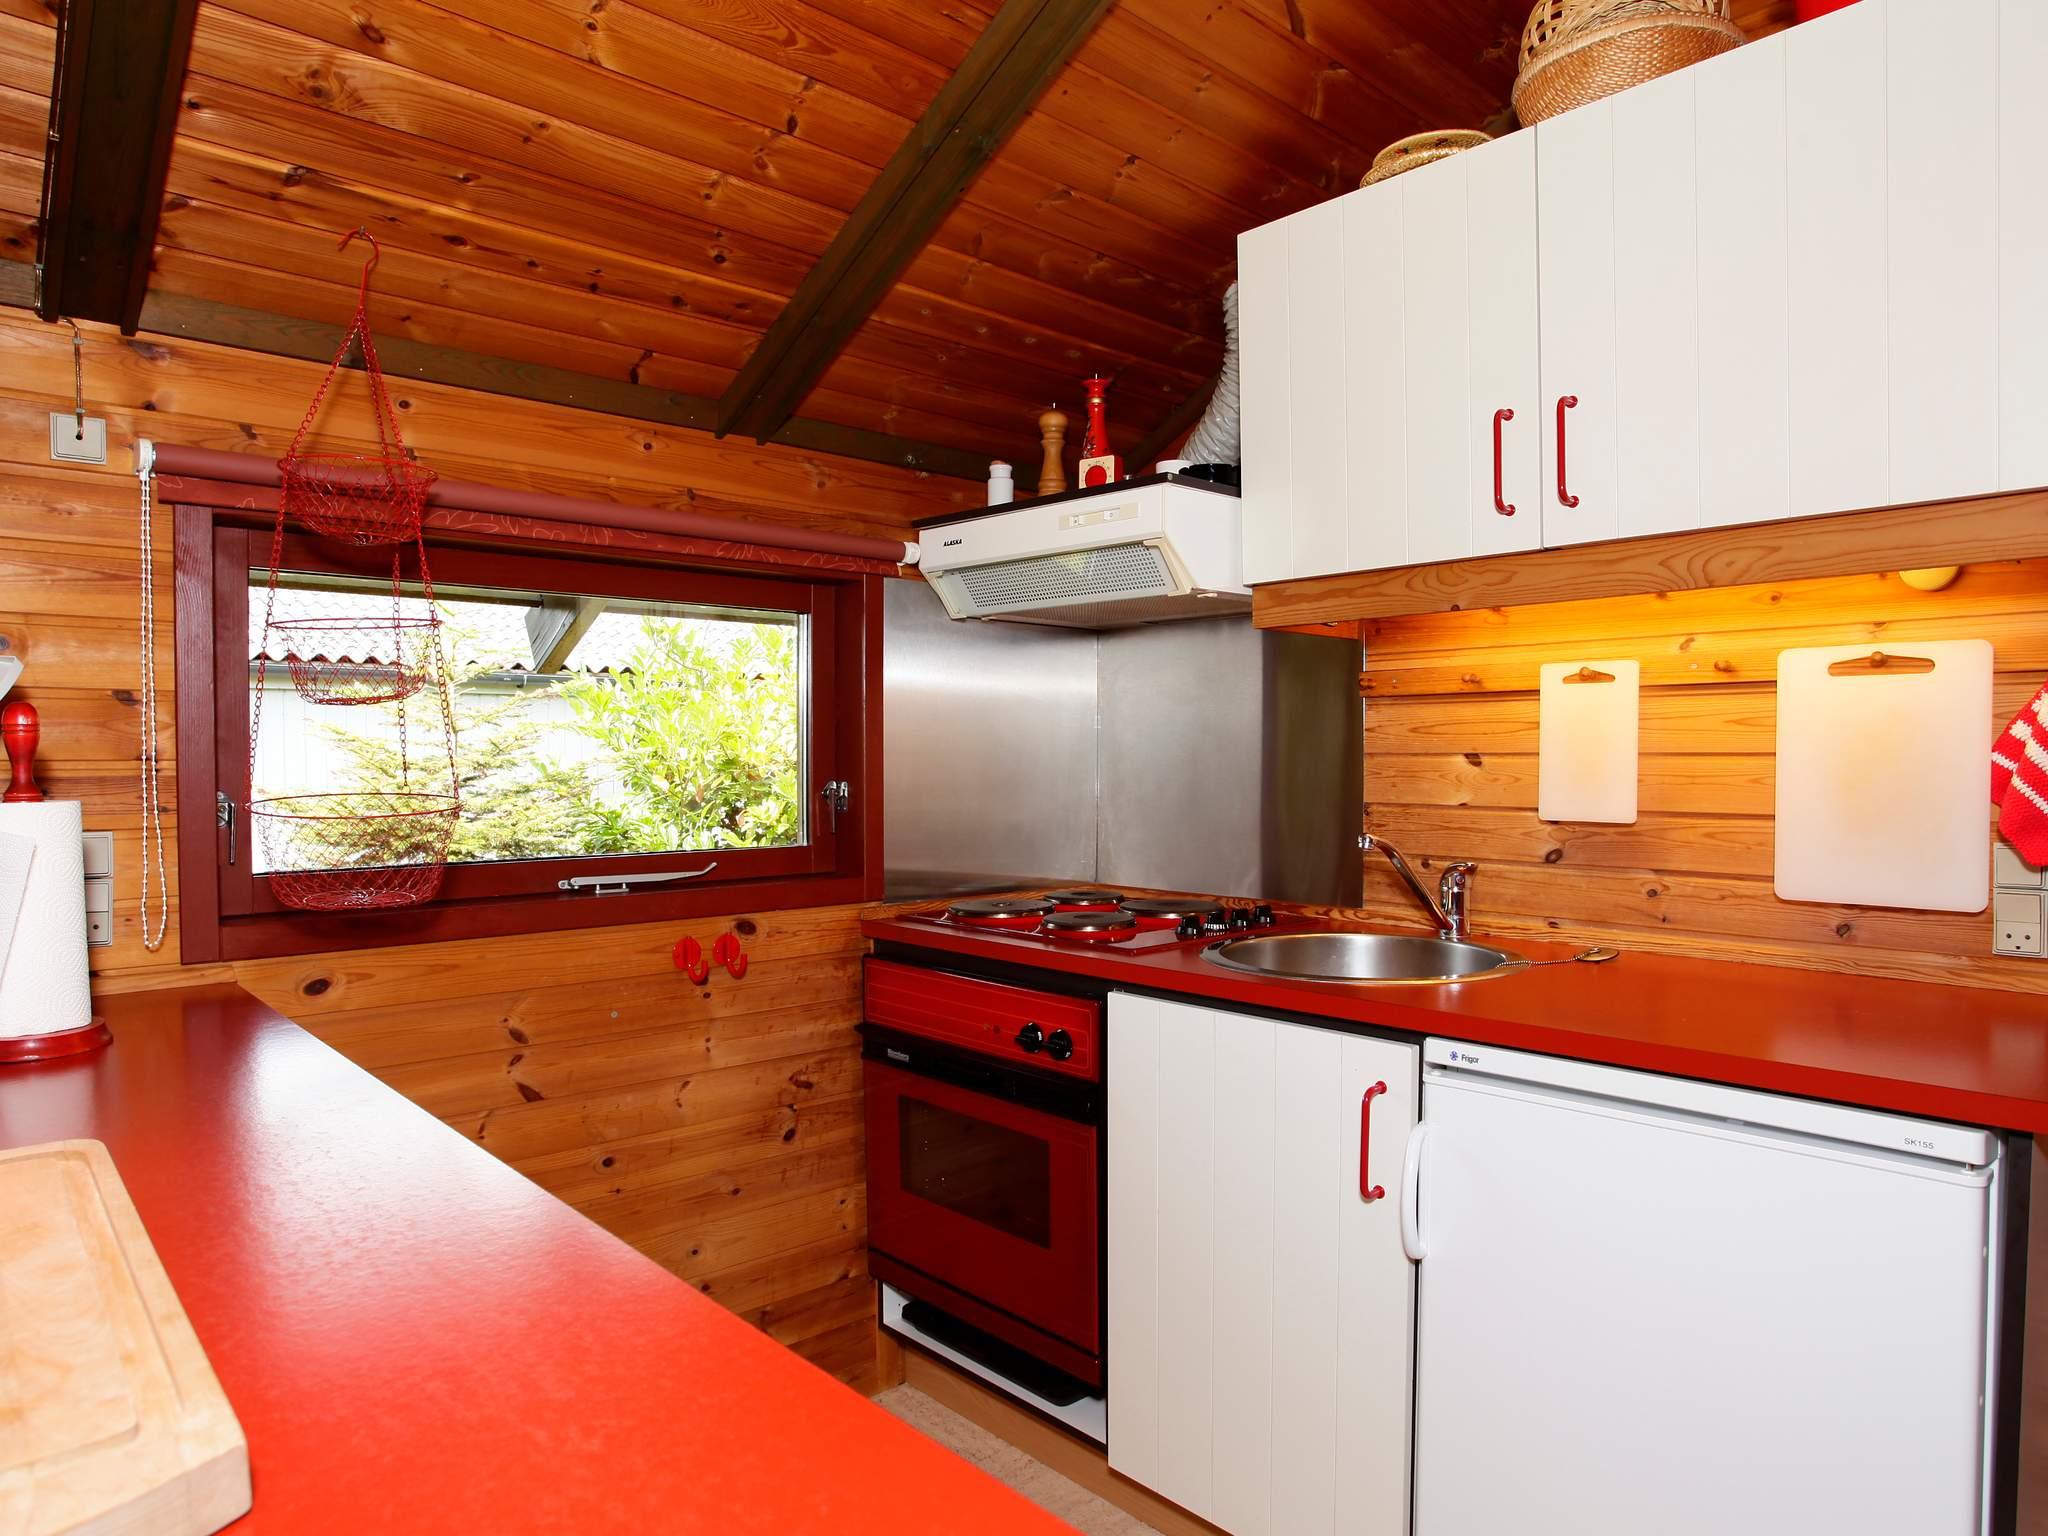 Ferienhaus Marielyst (86769), Marielyst, , Falster, Dänemark, Bild 5